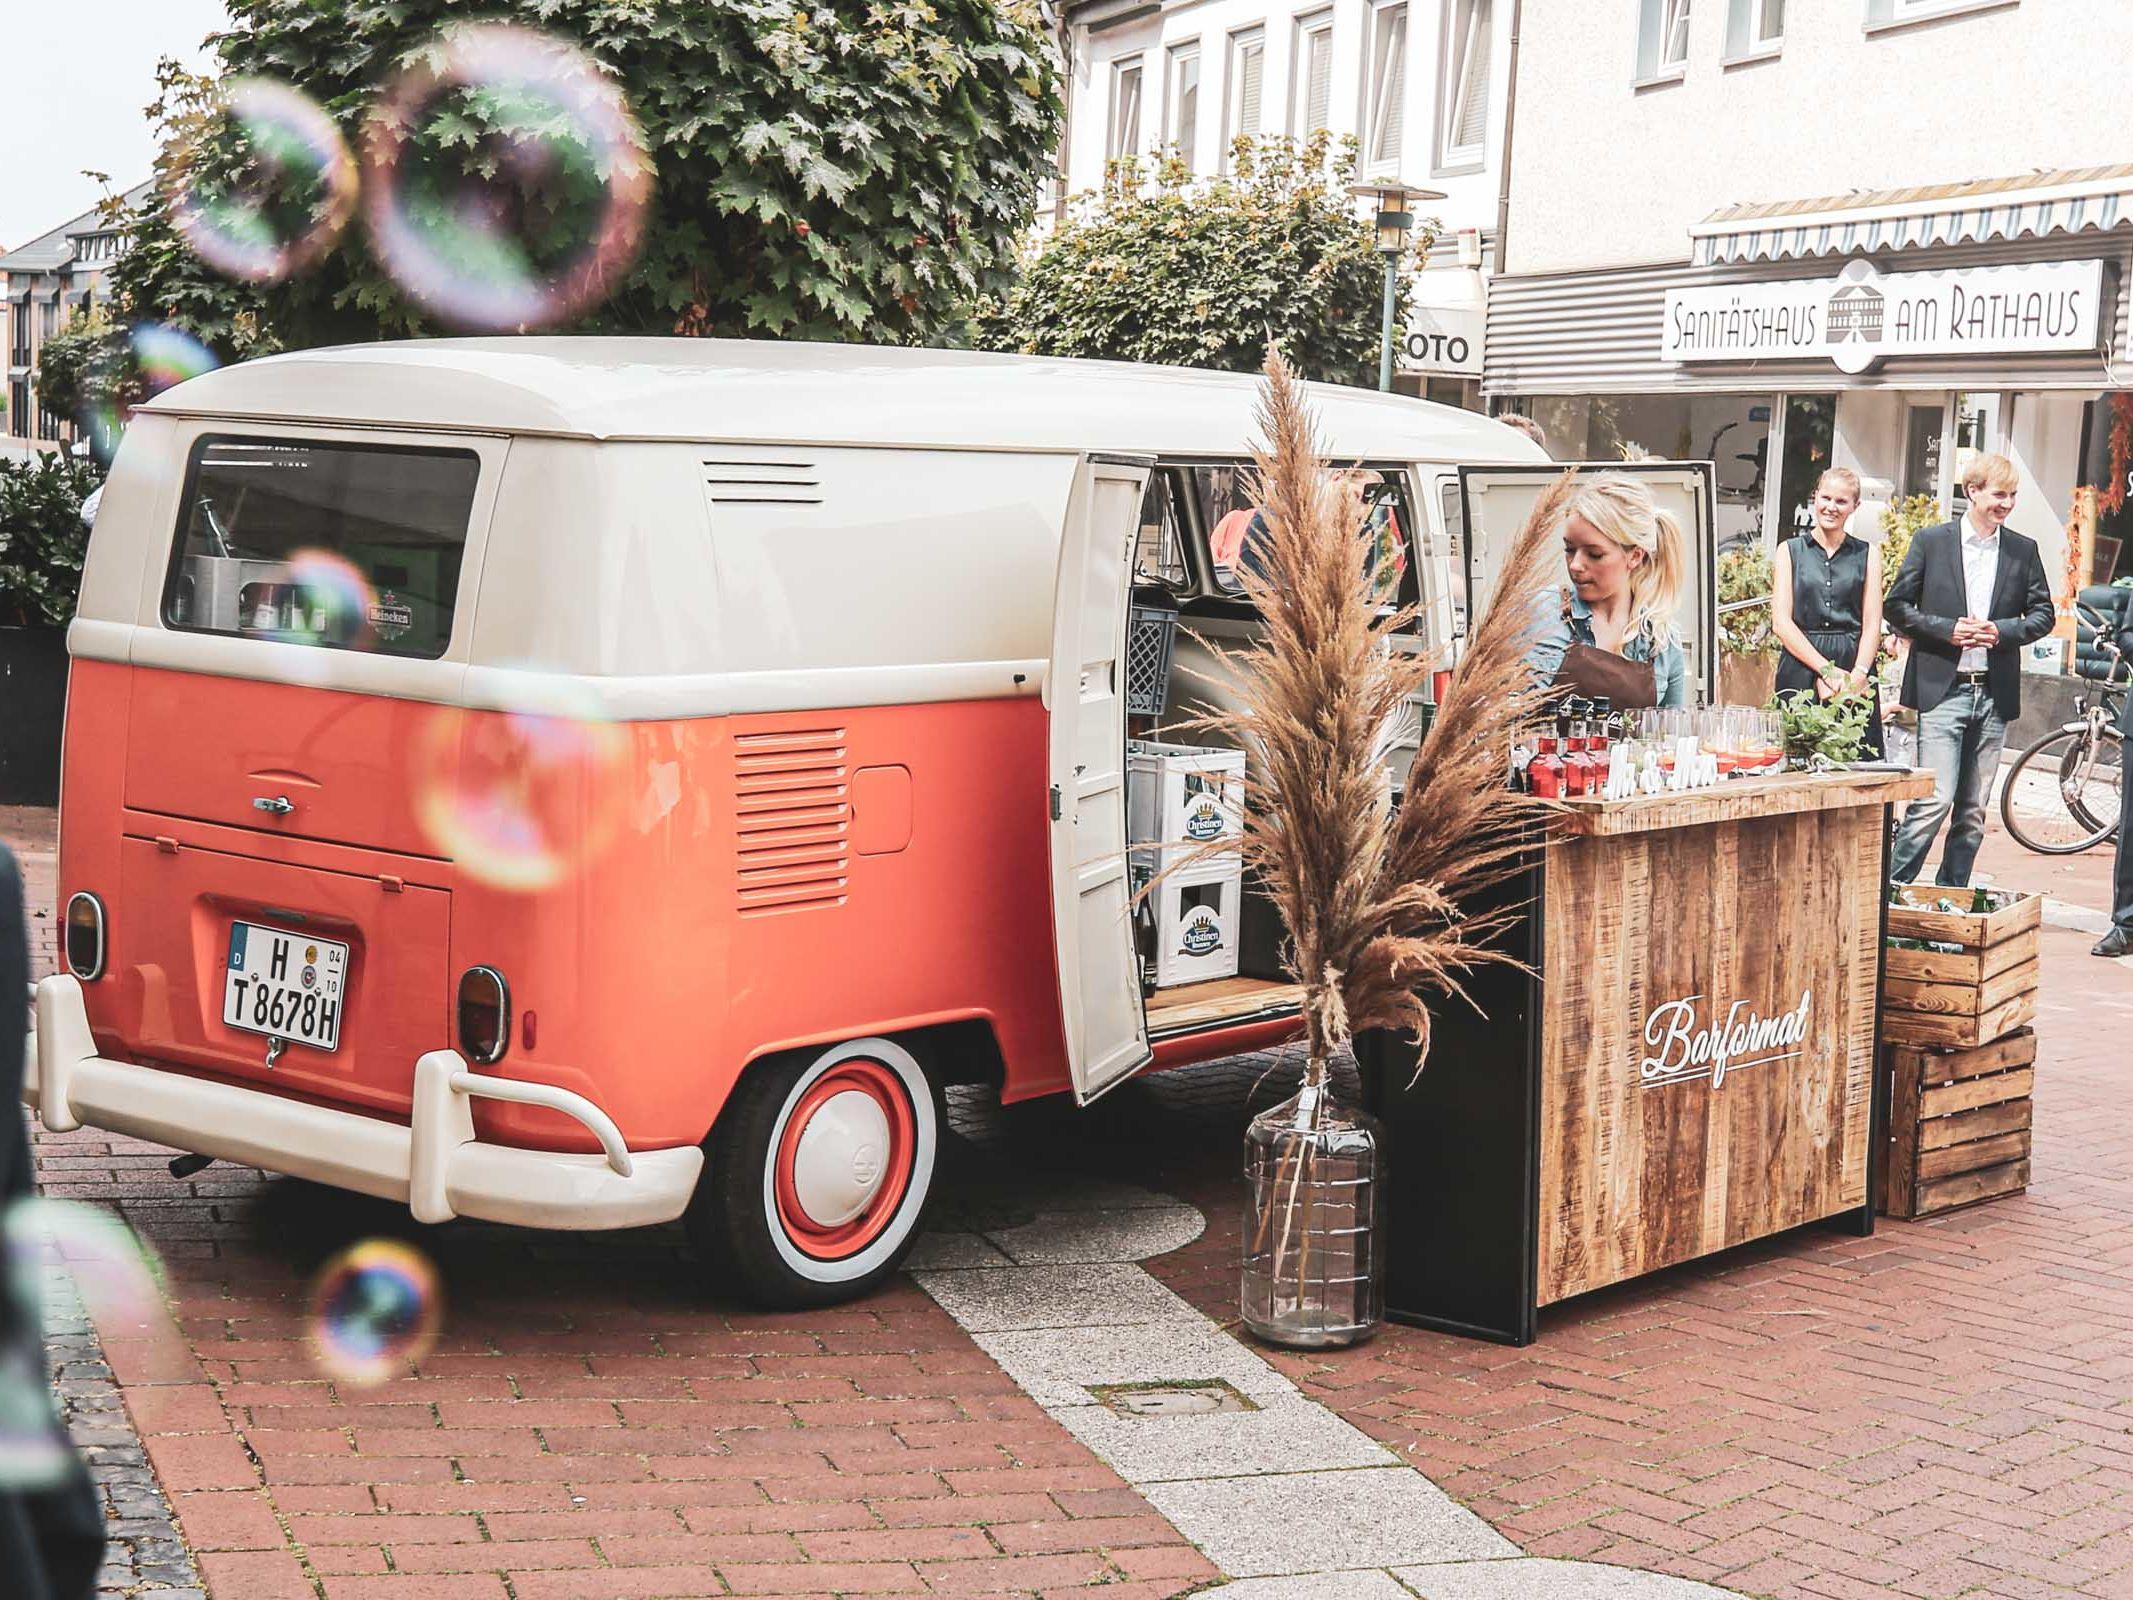 Mobile | Cocktailbar | Hochzeit | Sektempfang | Barkeeper | Buchen | Mieten | Geburtstag | Ape | VW | Bar | Getränke | Catering | Foodtruck | Weinbar | Ginbar | Sektbar | Kaffeebar | Messe